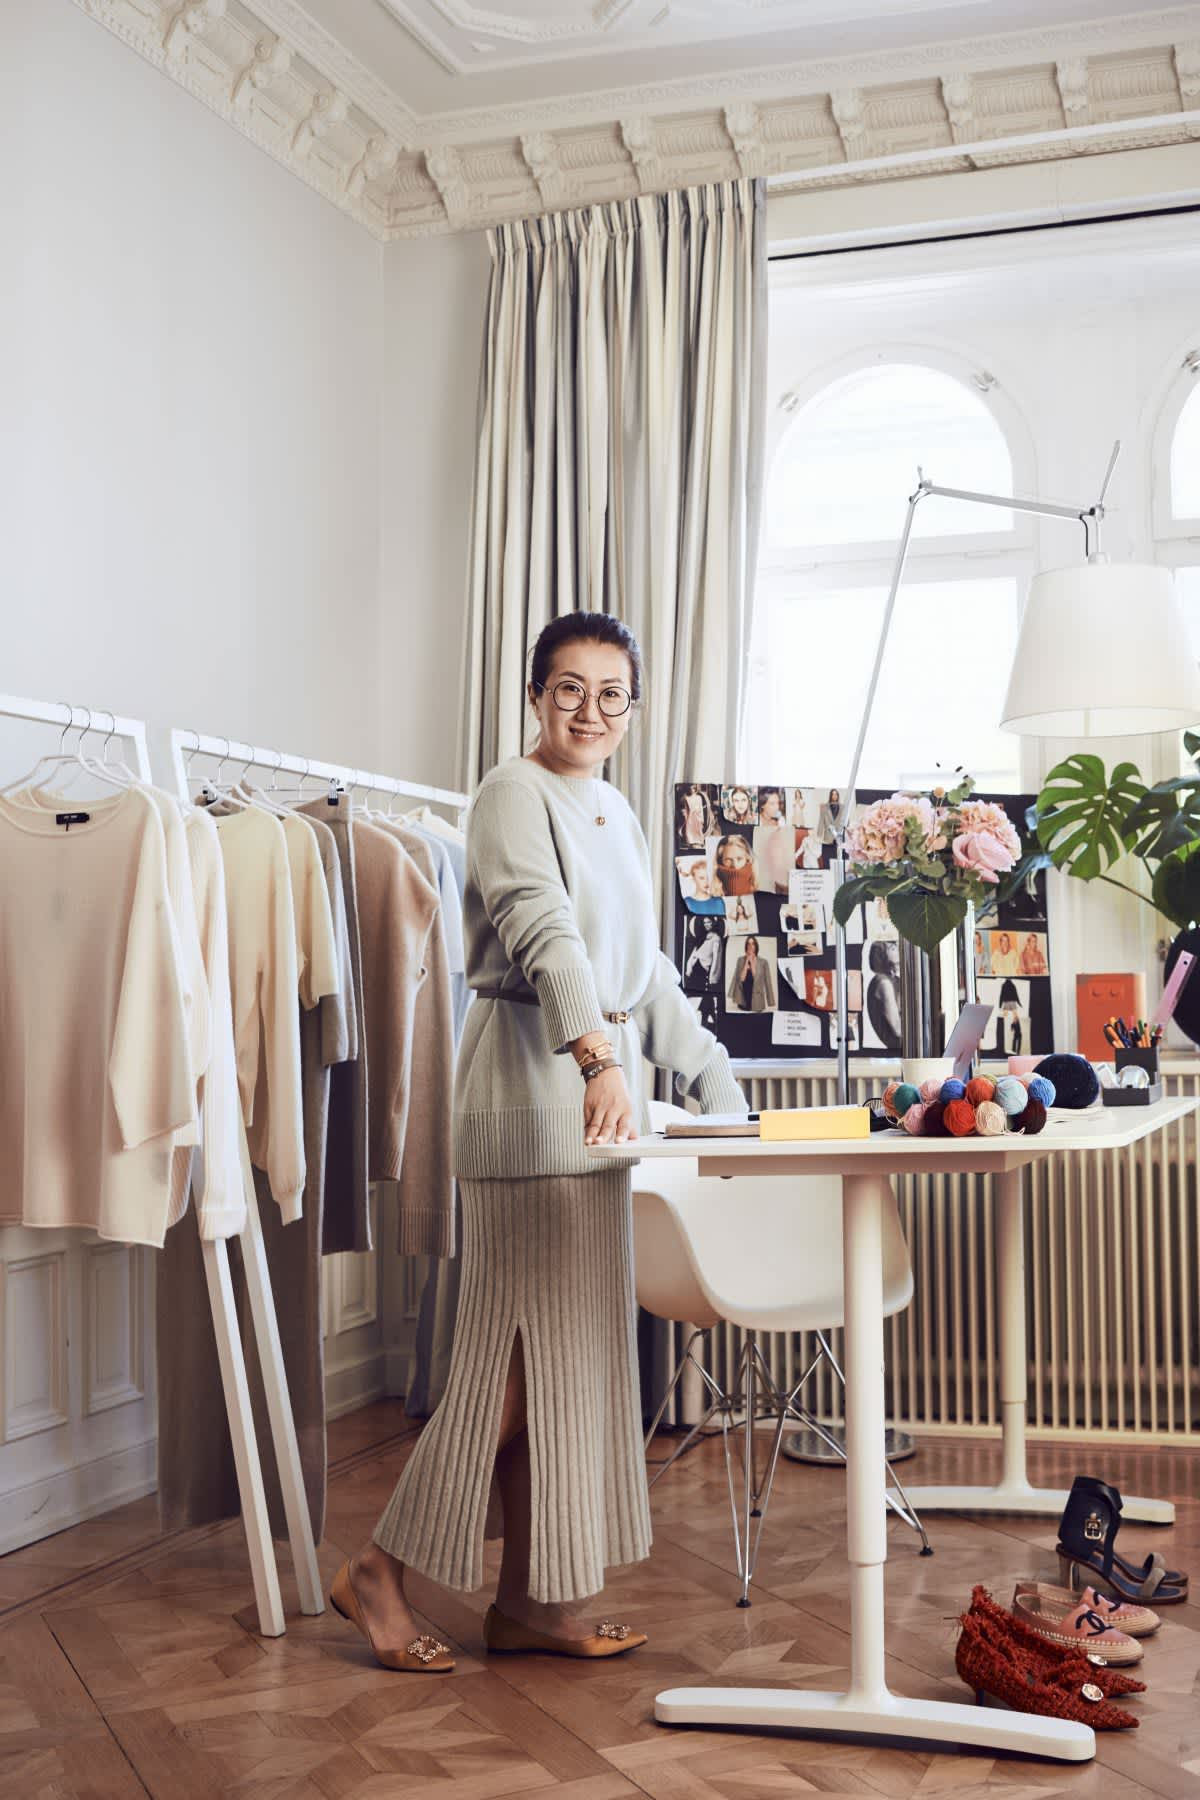 Lisa Yang är född och uppvuxen i Kina. Idag bor hon med sin familj i Sigtuna.